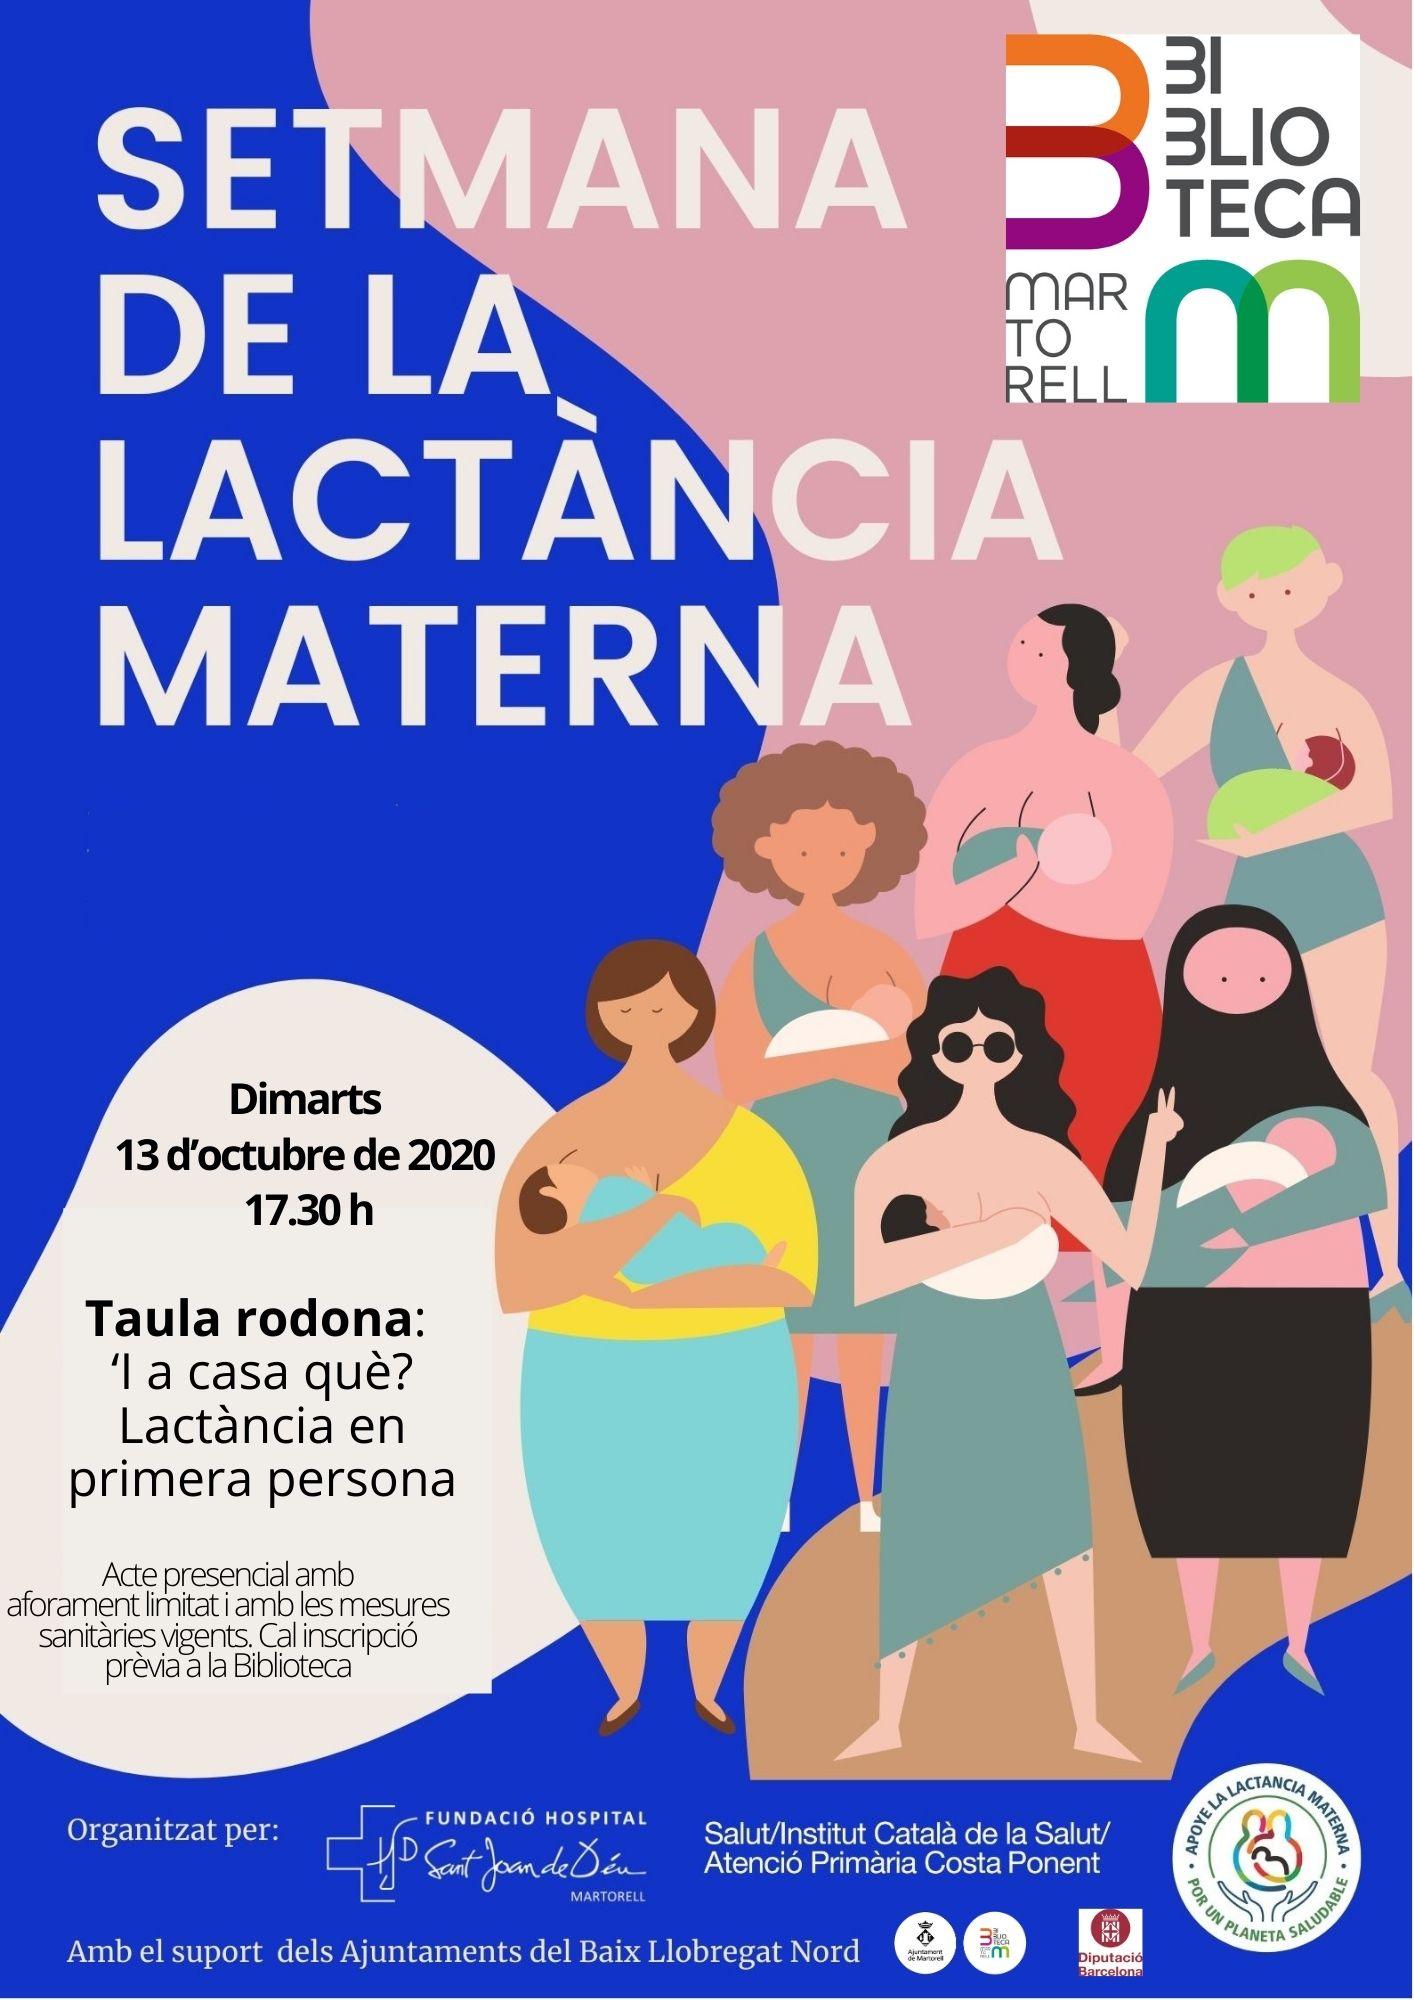 Setmana de la Lactància Materna 2020